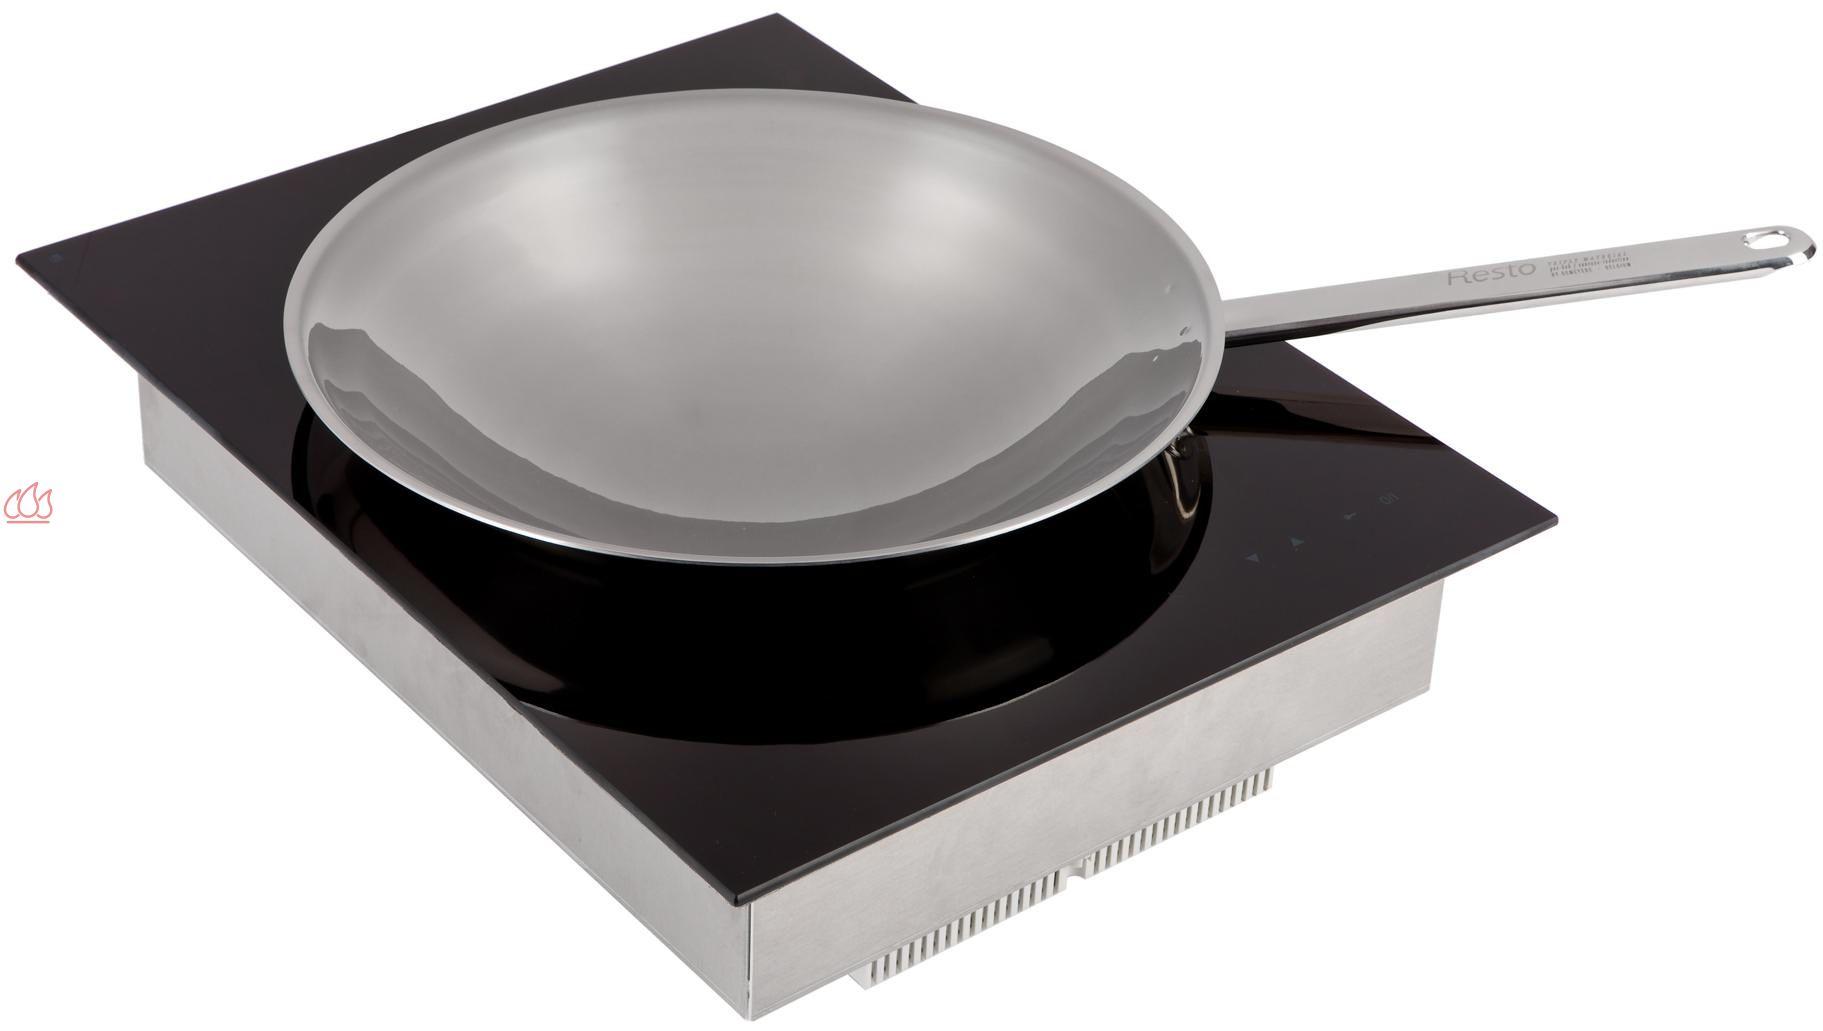 domino induction 40cm encastrable noir pour wok fratelli onofri ec fof301 mon espace cuisson. Black Bedroom Furniture Sets. Home Design Ideas